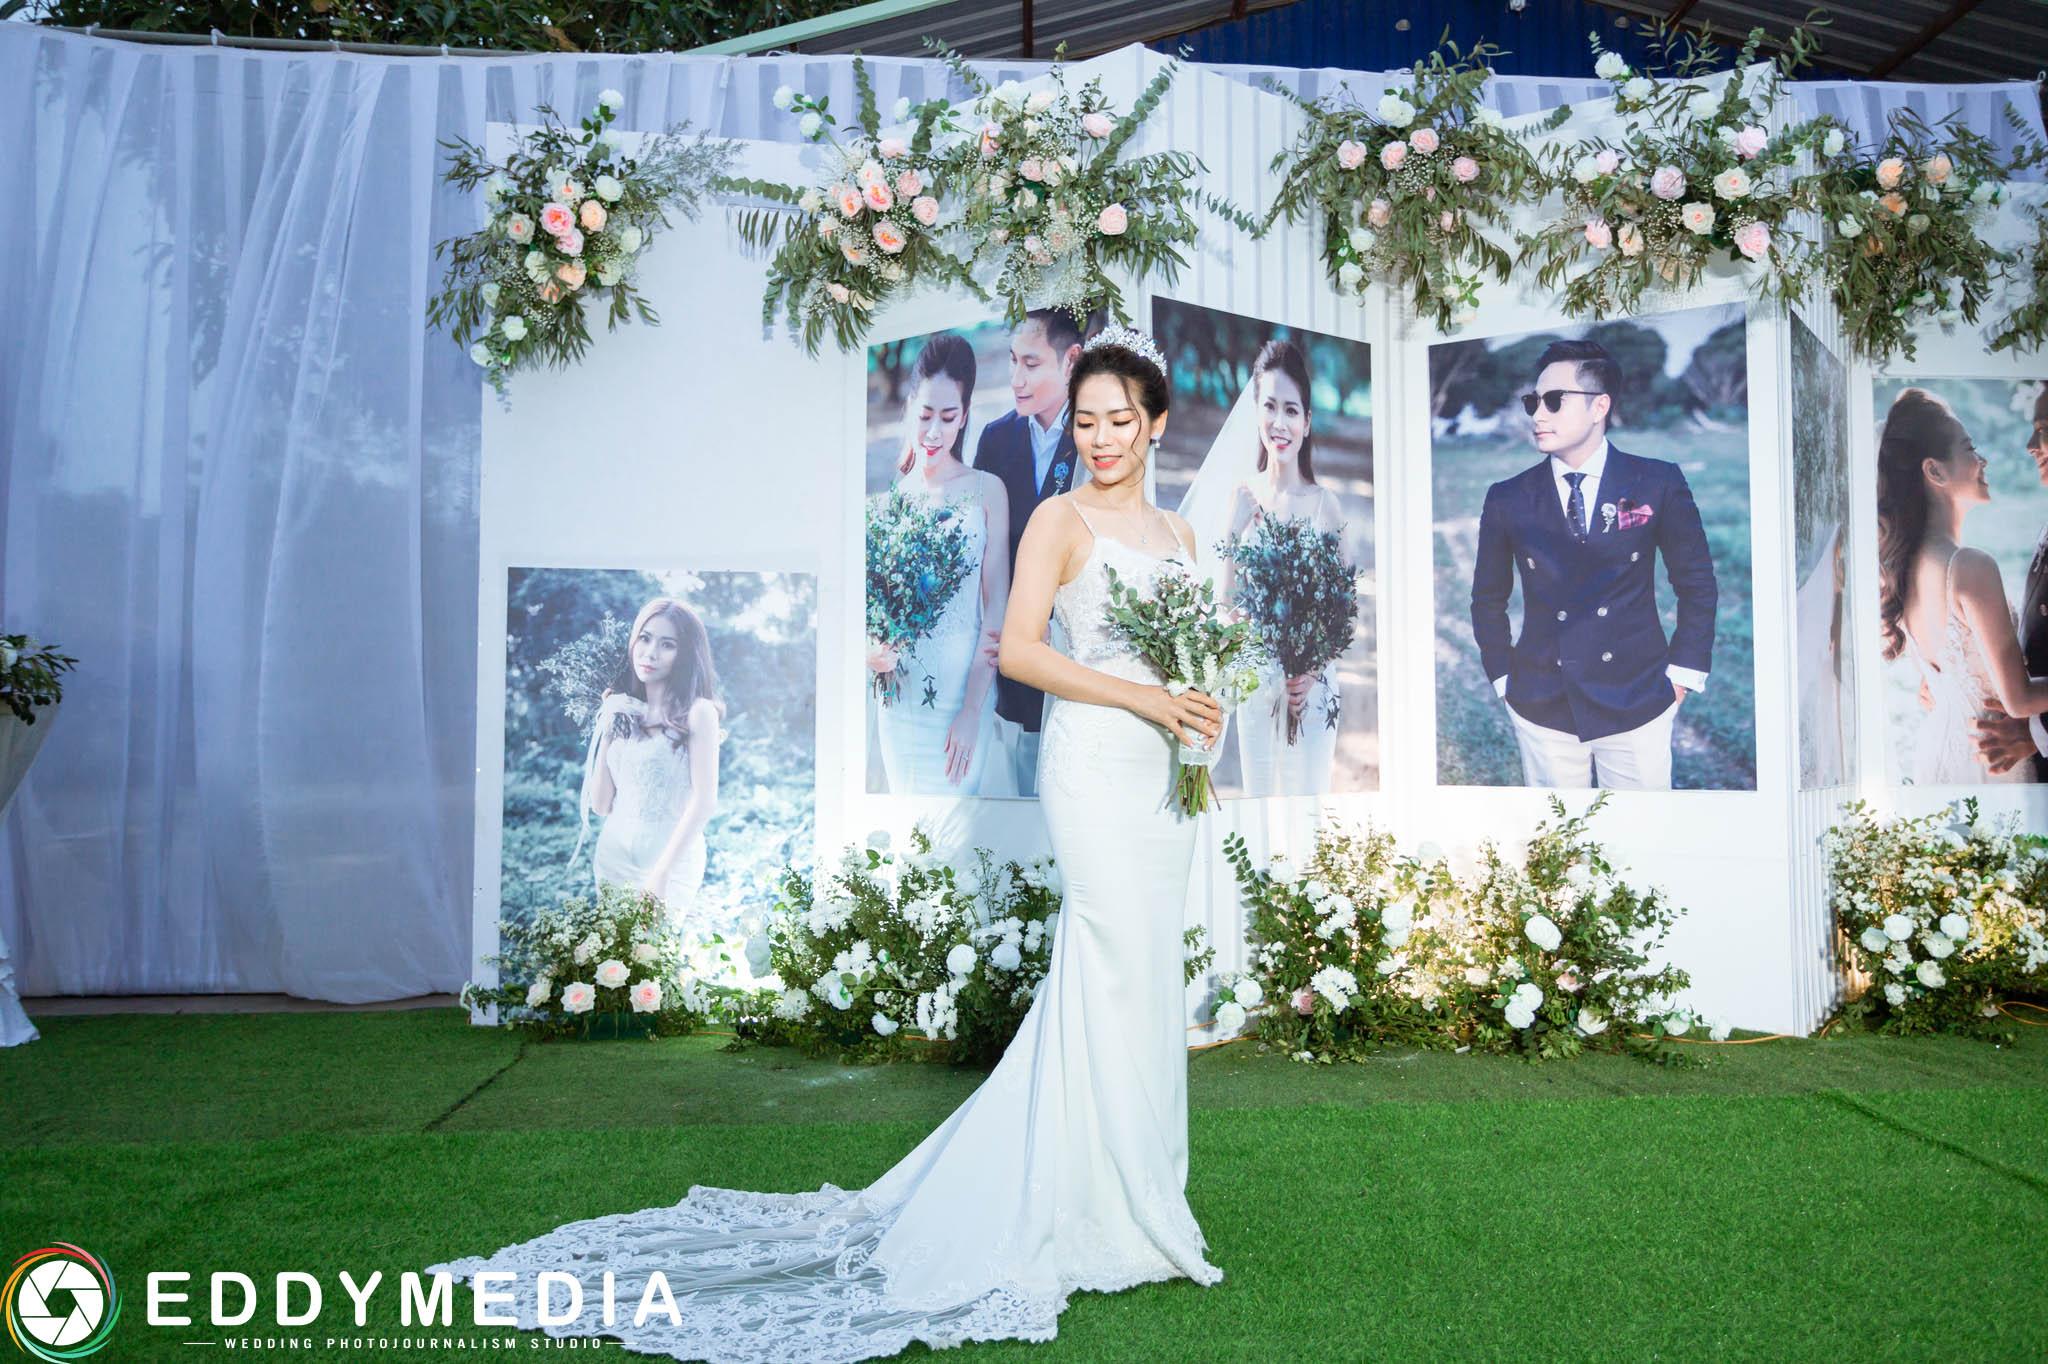 Phongsucuoi VietSon ThanhHuyen EddyMedia 33 Chuẩn bị đám cưới trong 2 tháng